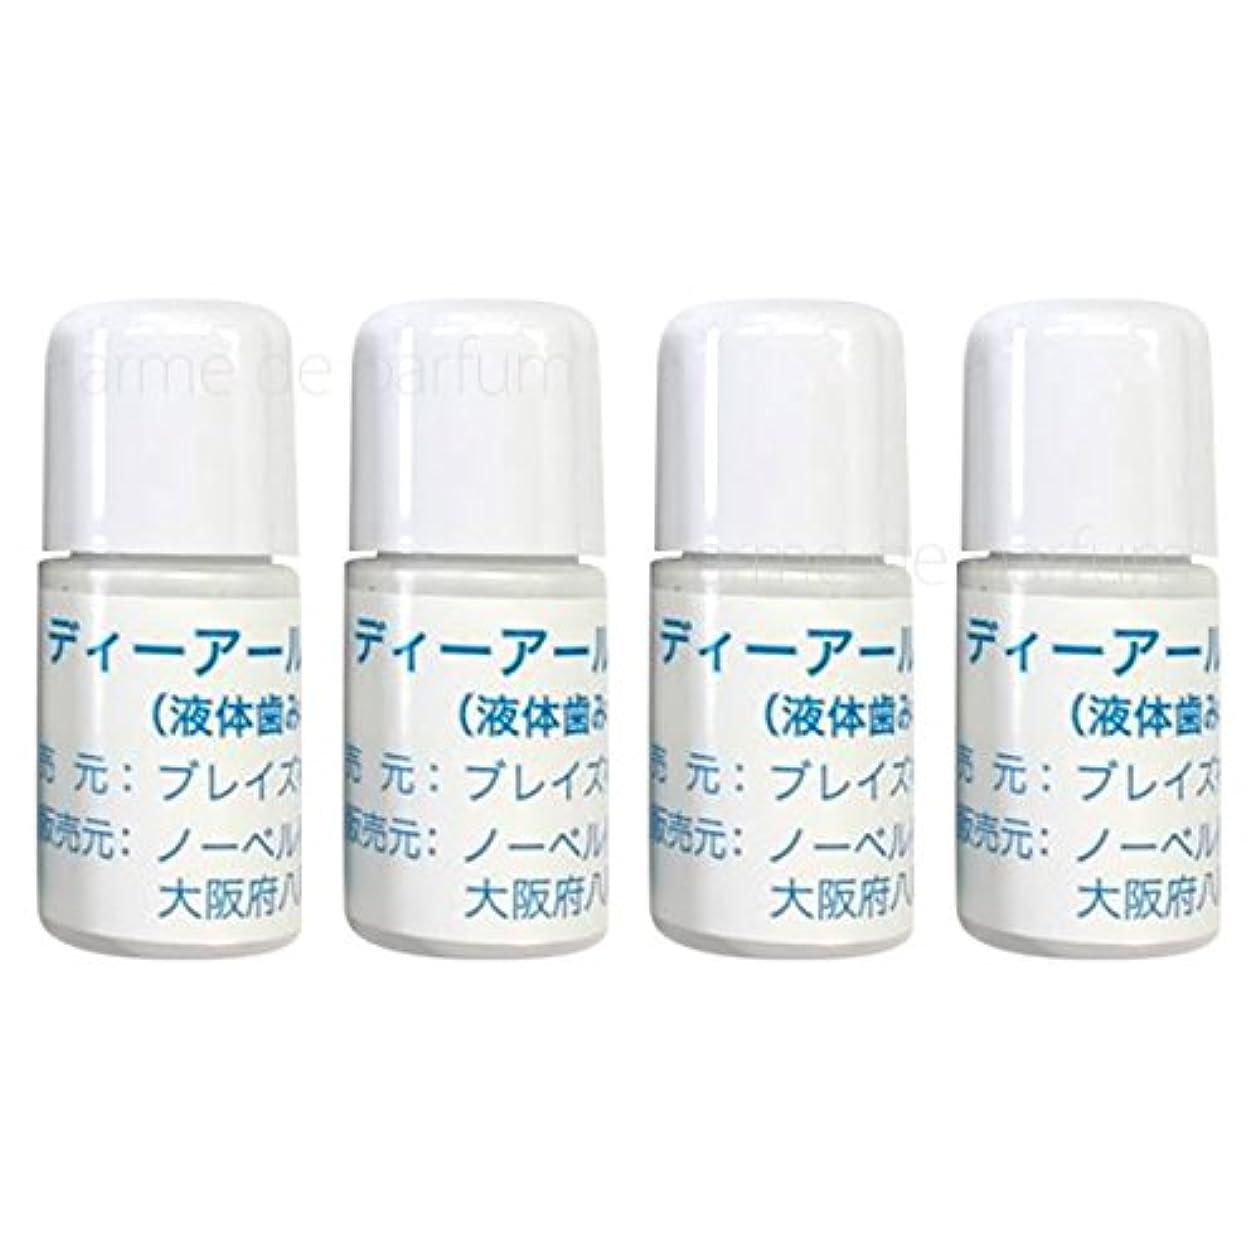 適応するごみマーベルDR.WHITE(ドクターホワイト) (補充専用溶剤(約15回分))